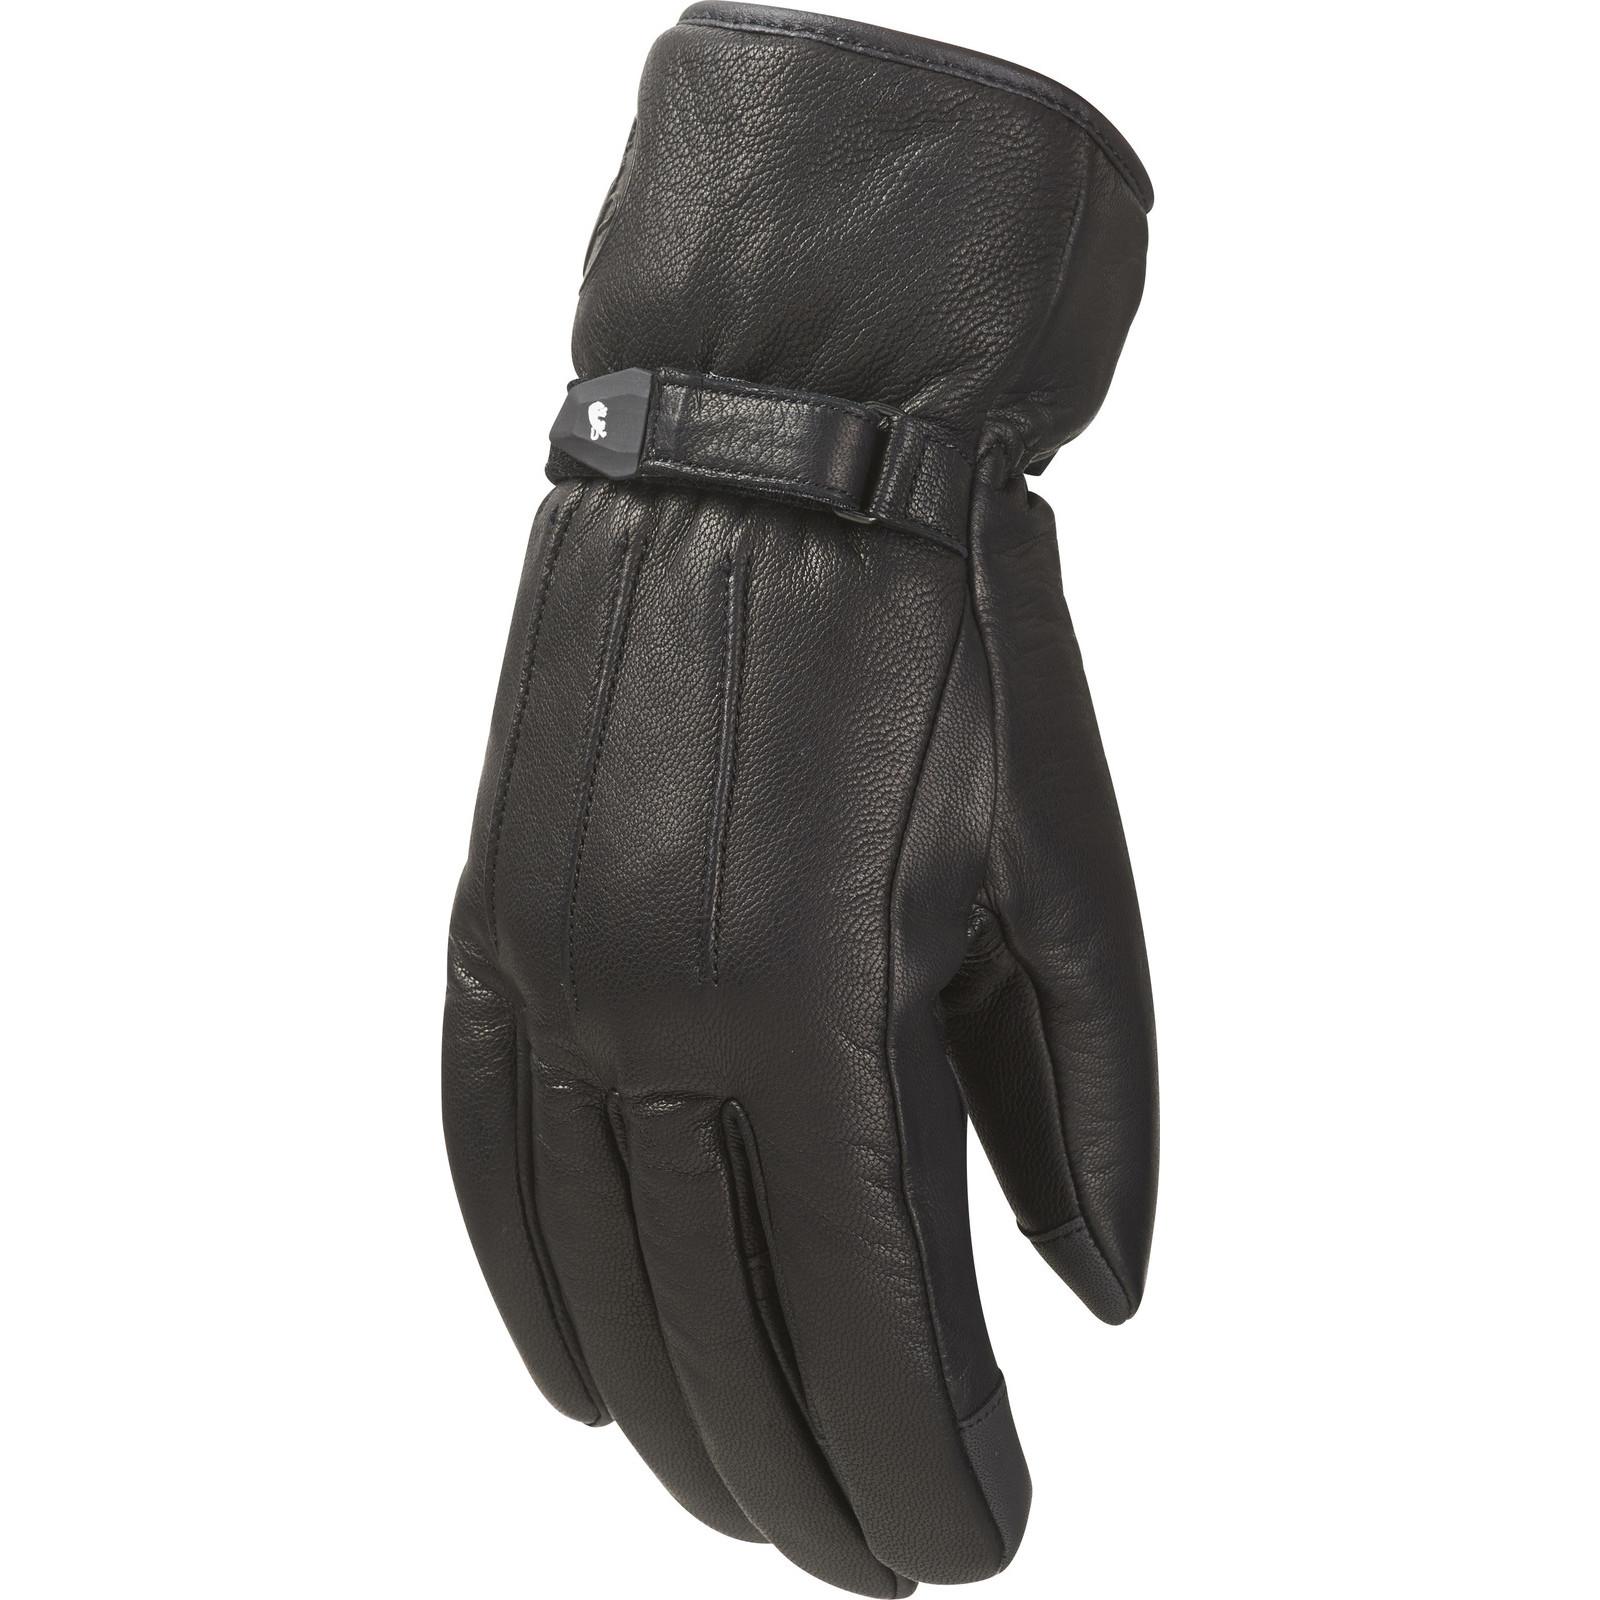 Motorcycle leather gloves waterproof - Furygan Shiver Evo Sympatex Motorcycle Gloves Leather Waterproof